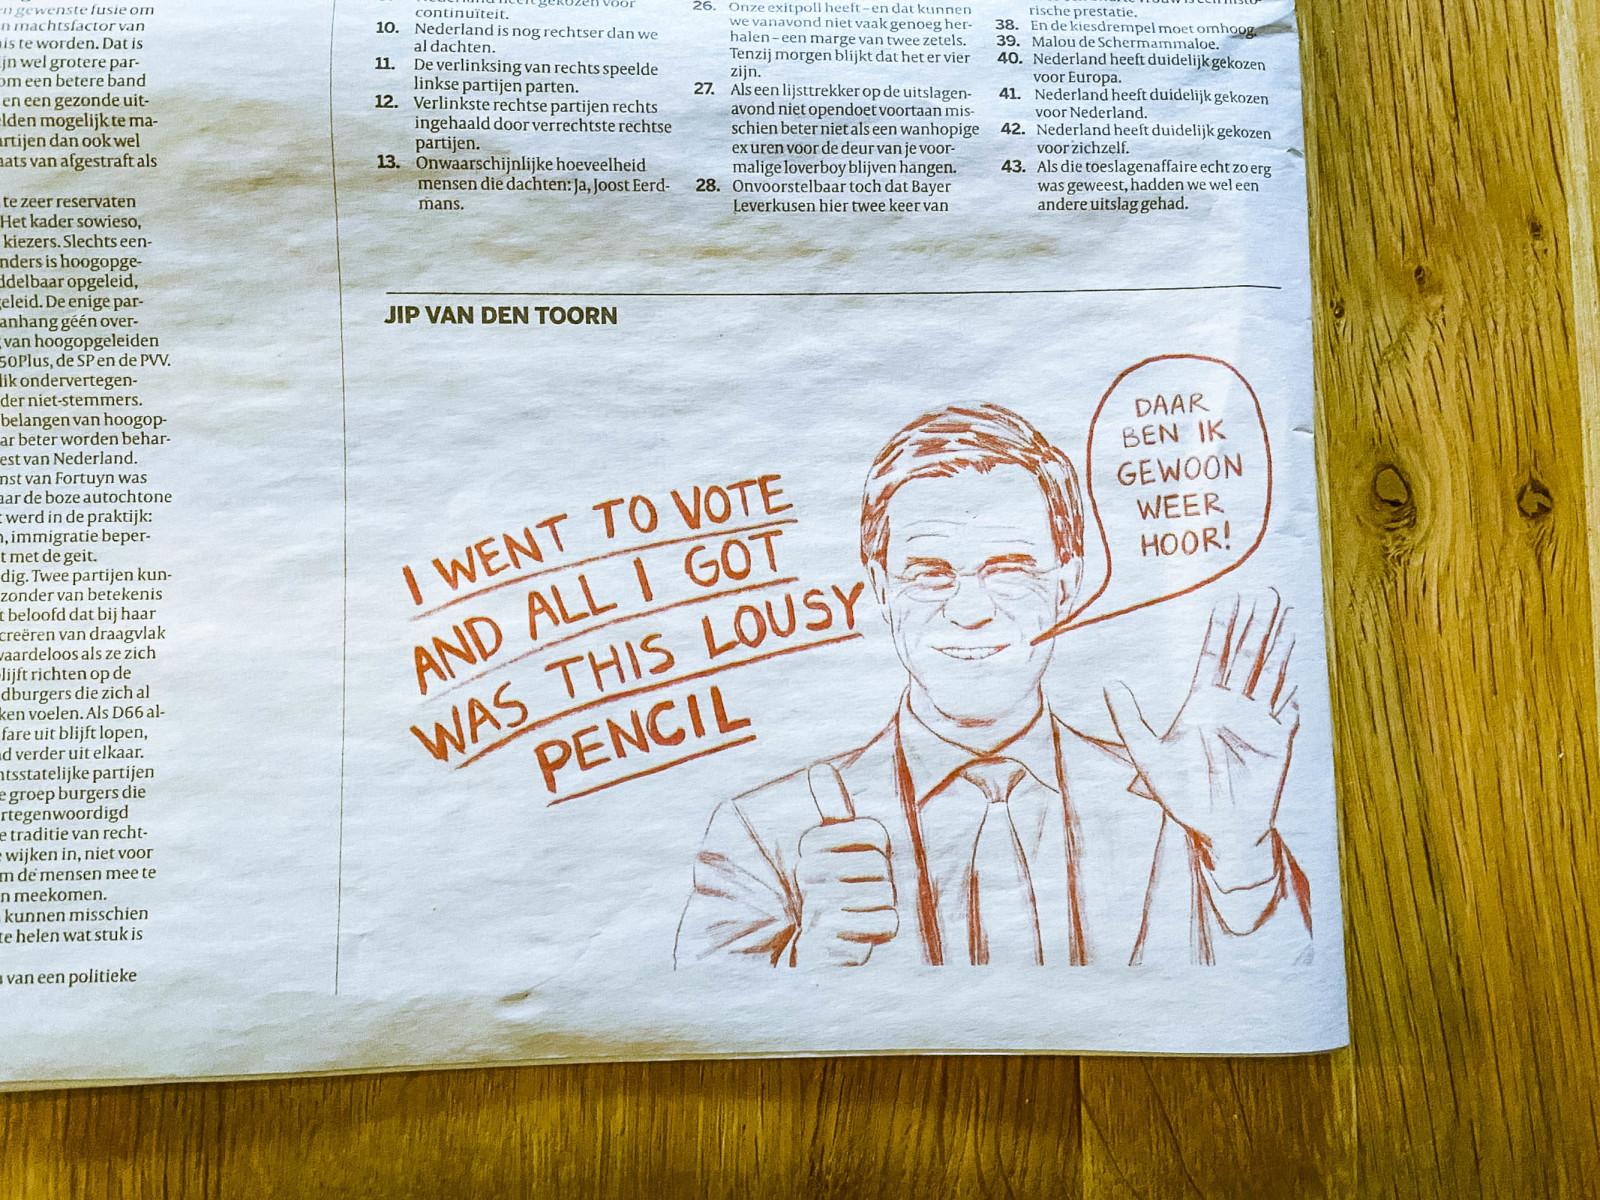 「投票して得たのは、この鉛筆だけ」「やあ、また僕だよ!」と書かれたルッテ政権に対する新聞の風刺画。